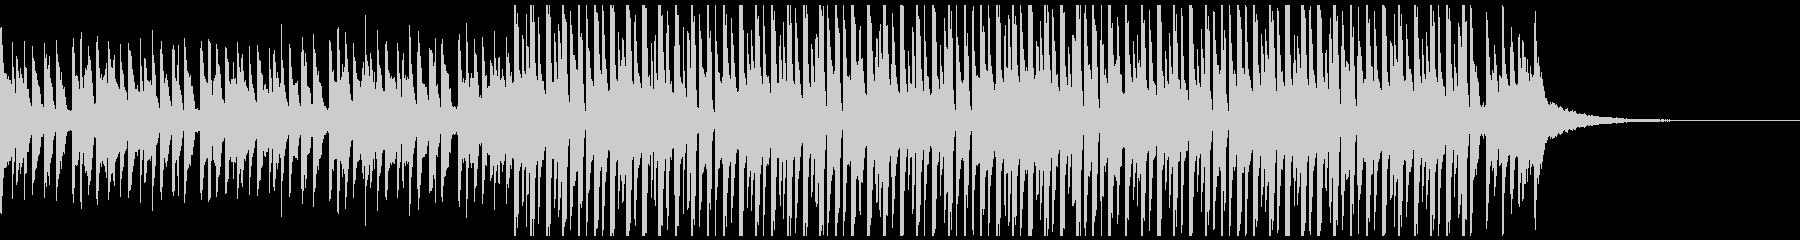 ダンスパーティー(60秒)の未再生の波形